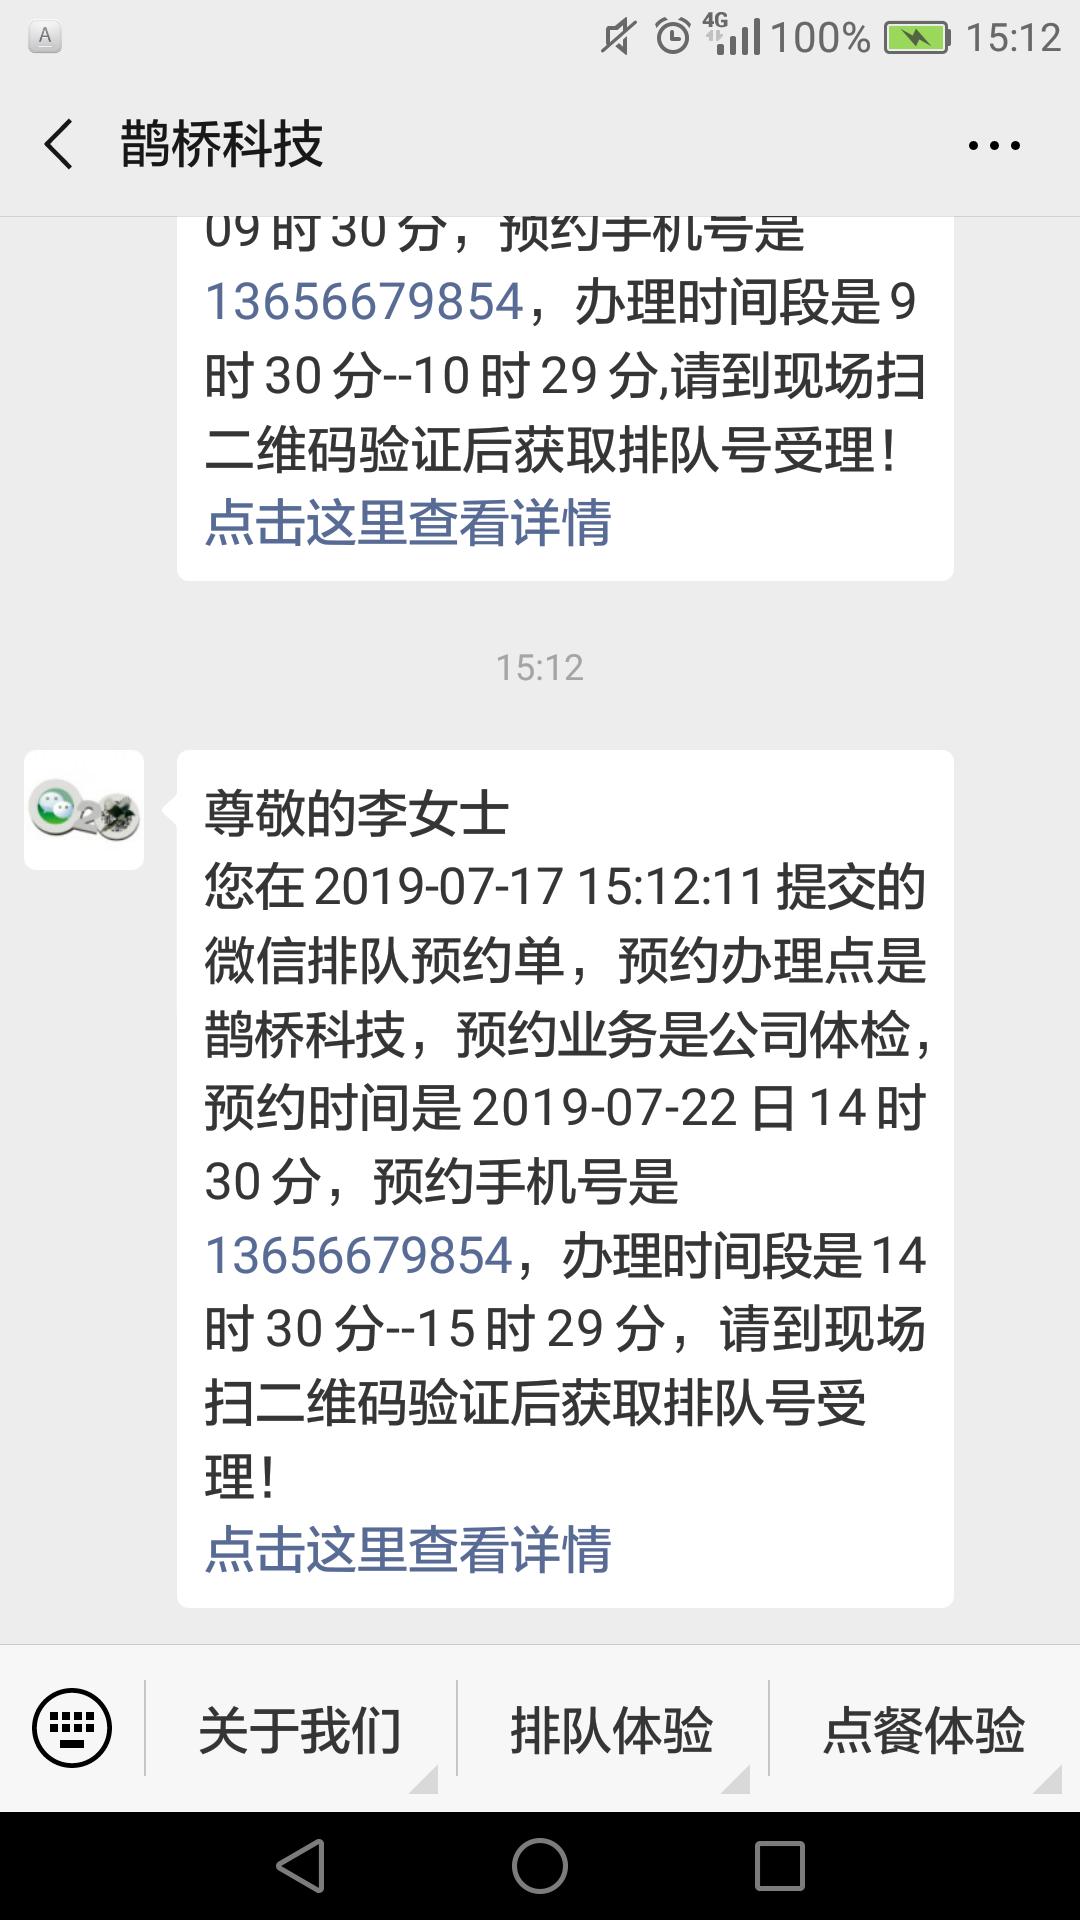 鹊桥科技微信预约排队提醒